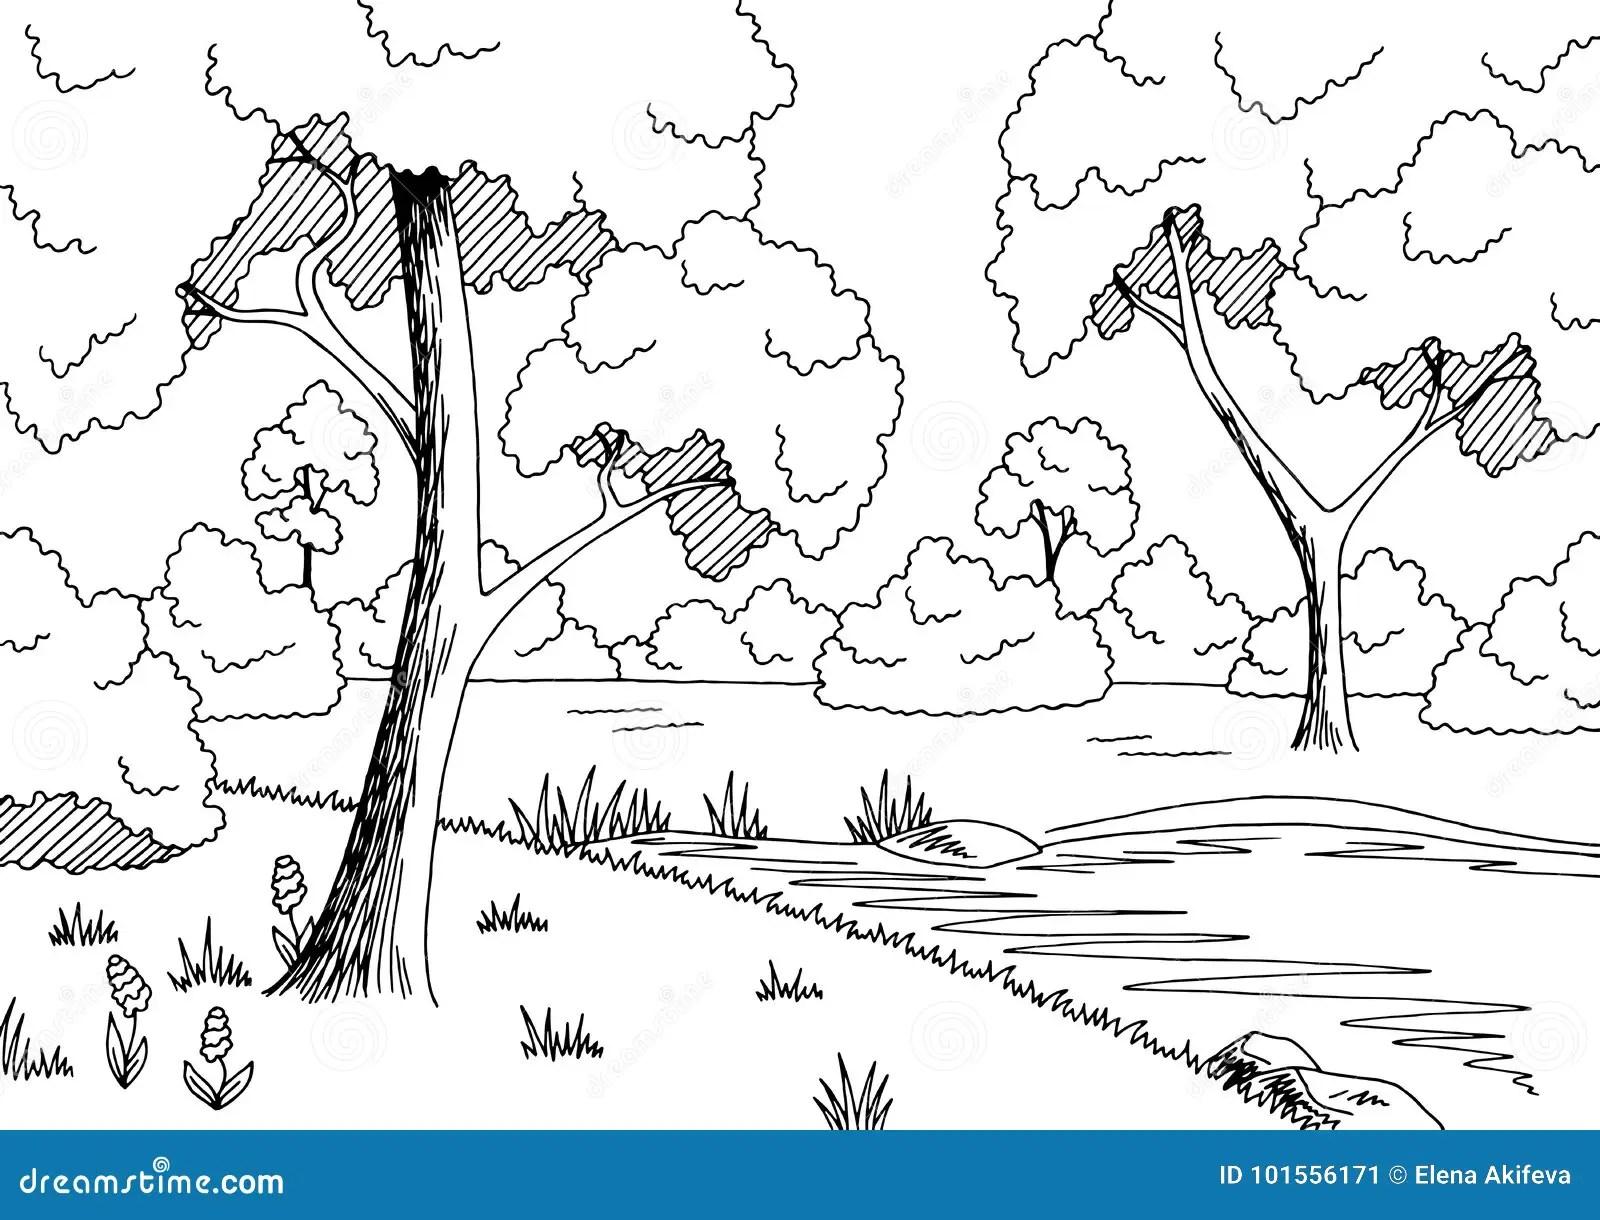 Vecteur Blanc Noir Graphique D Illustration De Croquis De